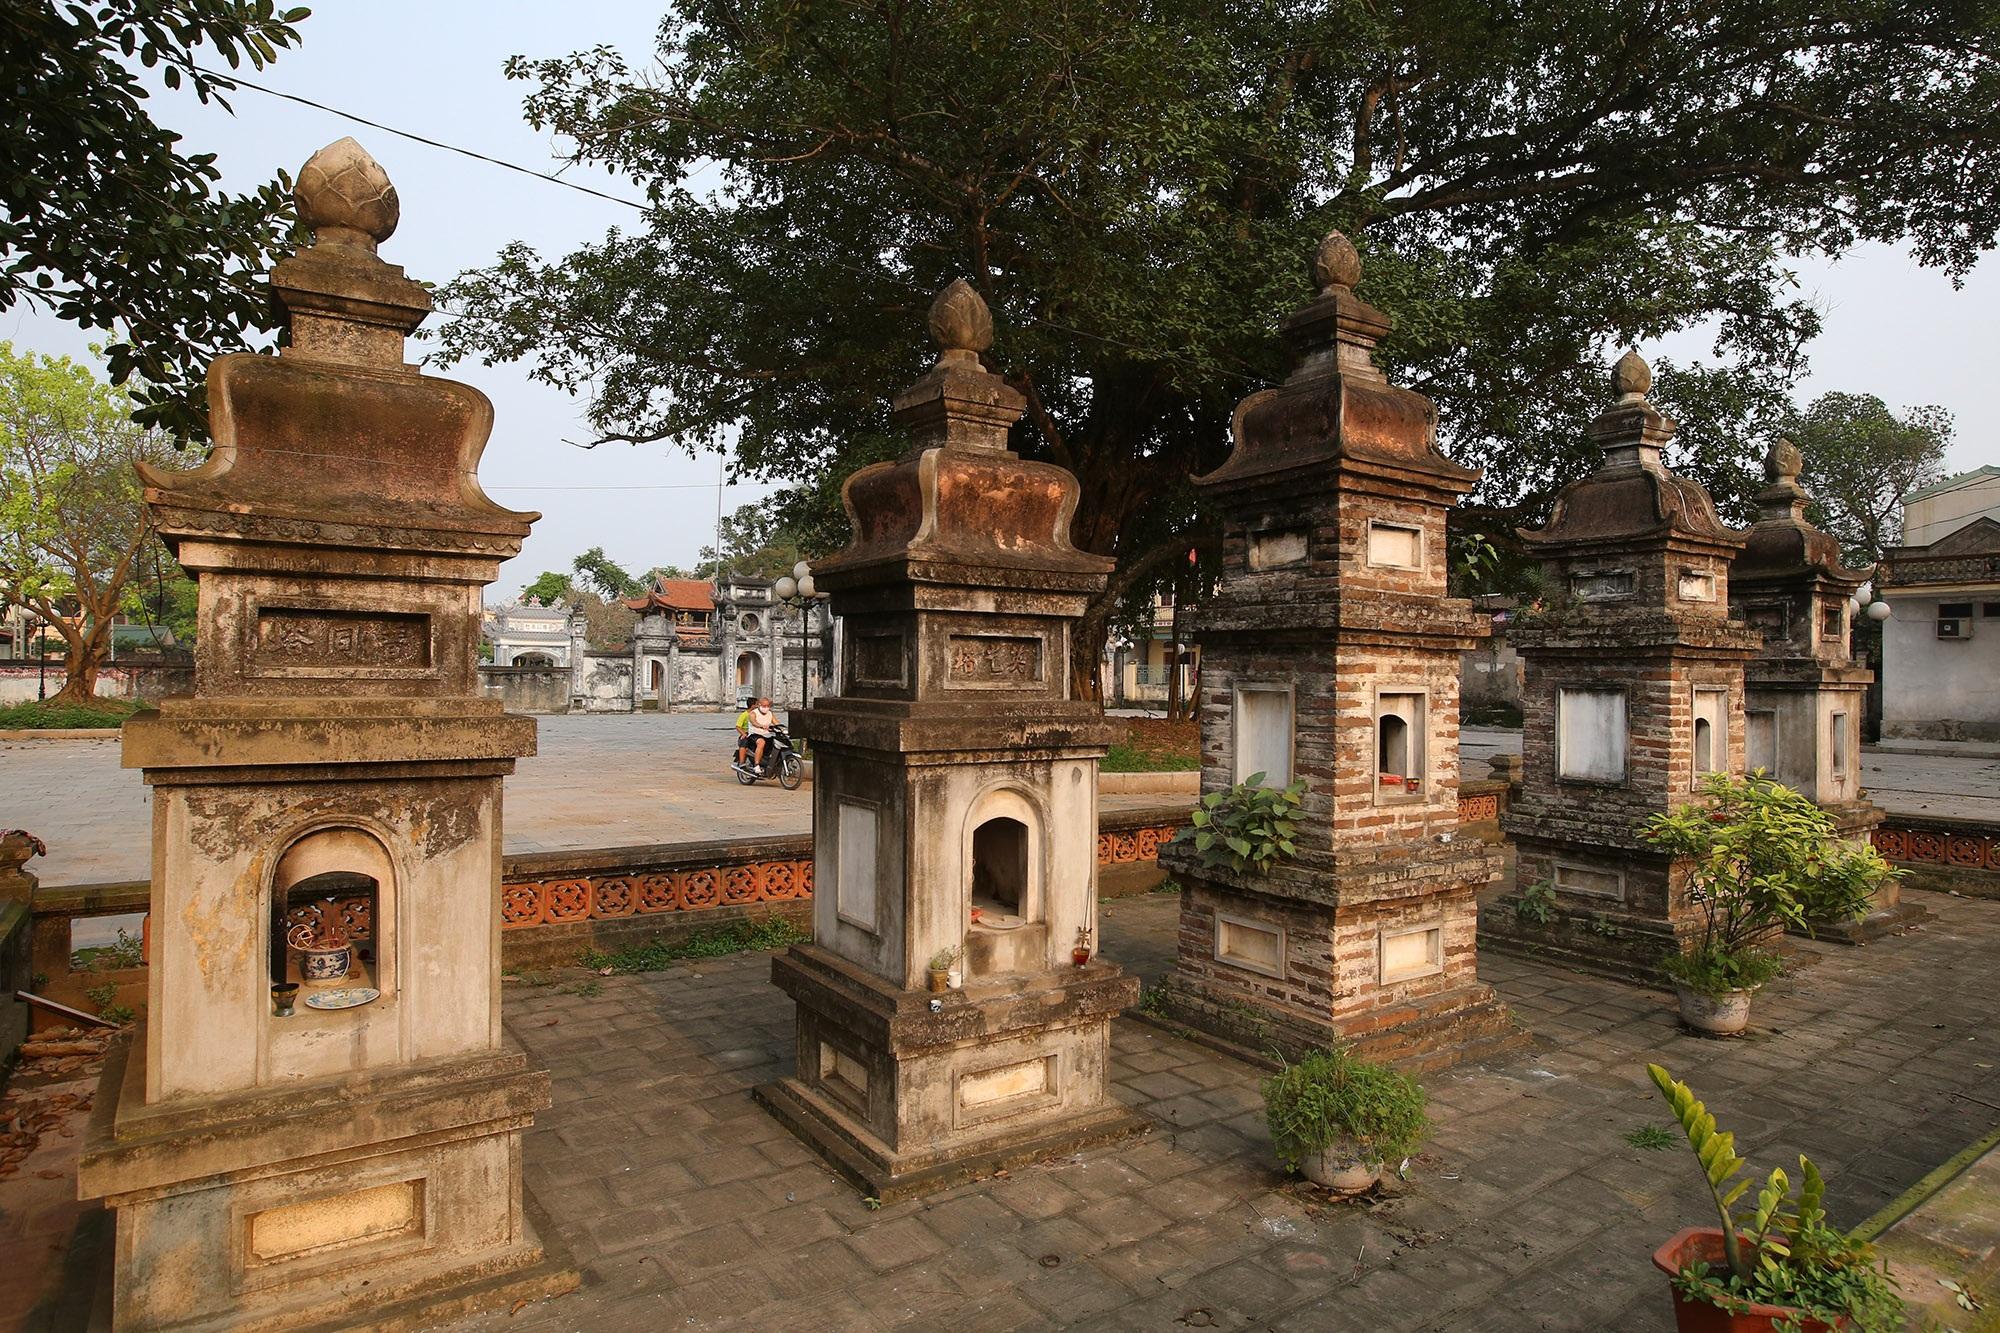 Không gian thanh tịnh tại ngôi chùa gỗ 600 năm tuổi - 20